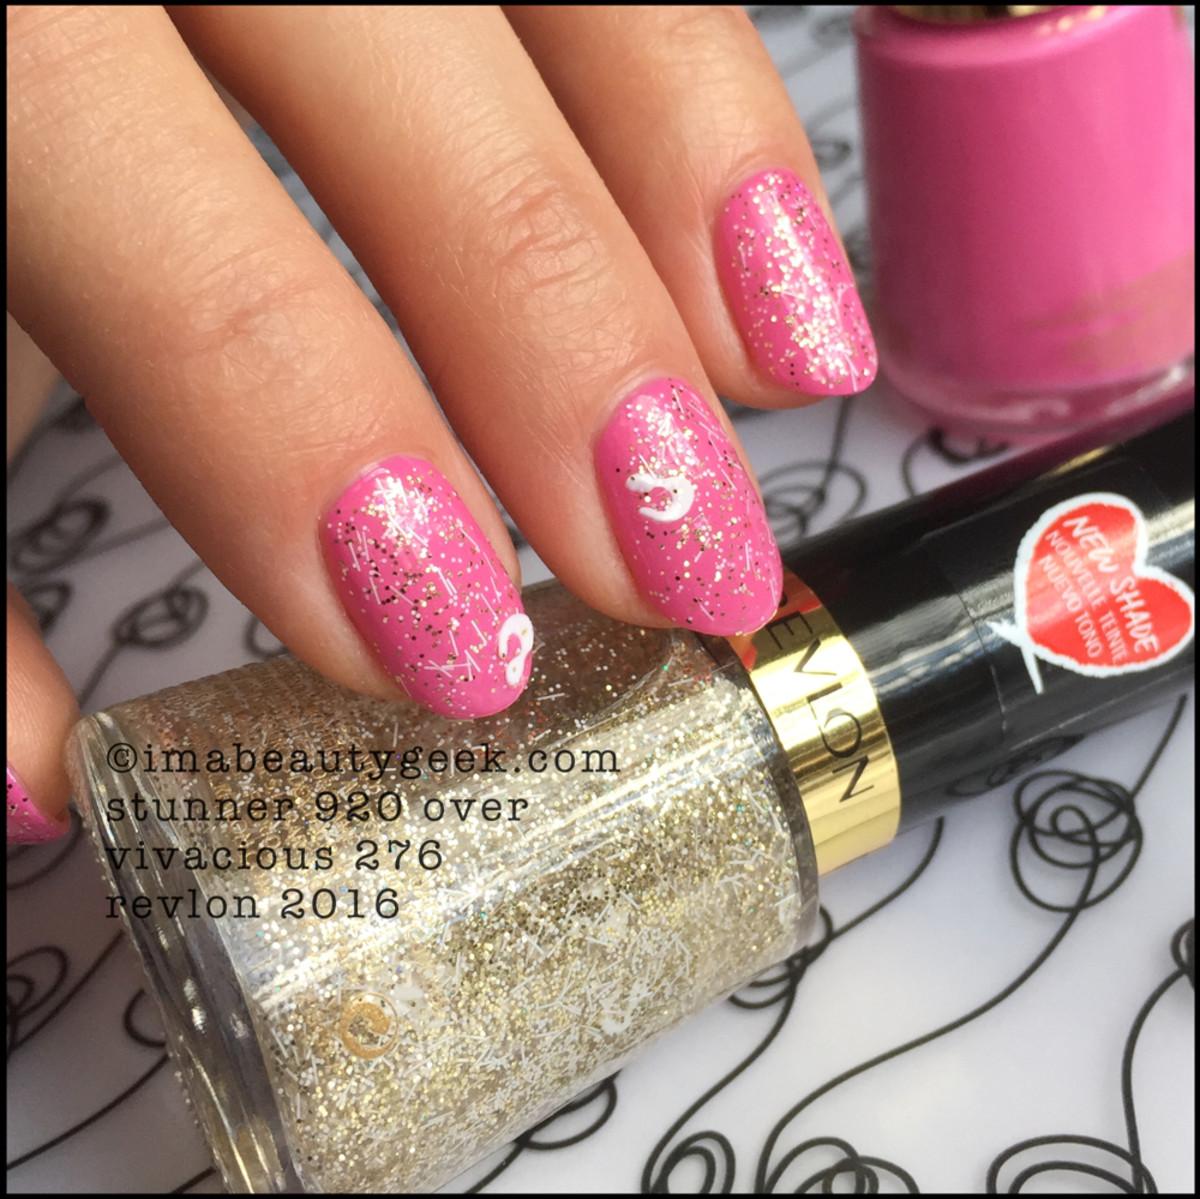 Revlon Nail Polish 2016_Revlon Stunner 920 Nail Enamel over Vivacious 276